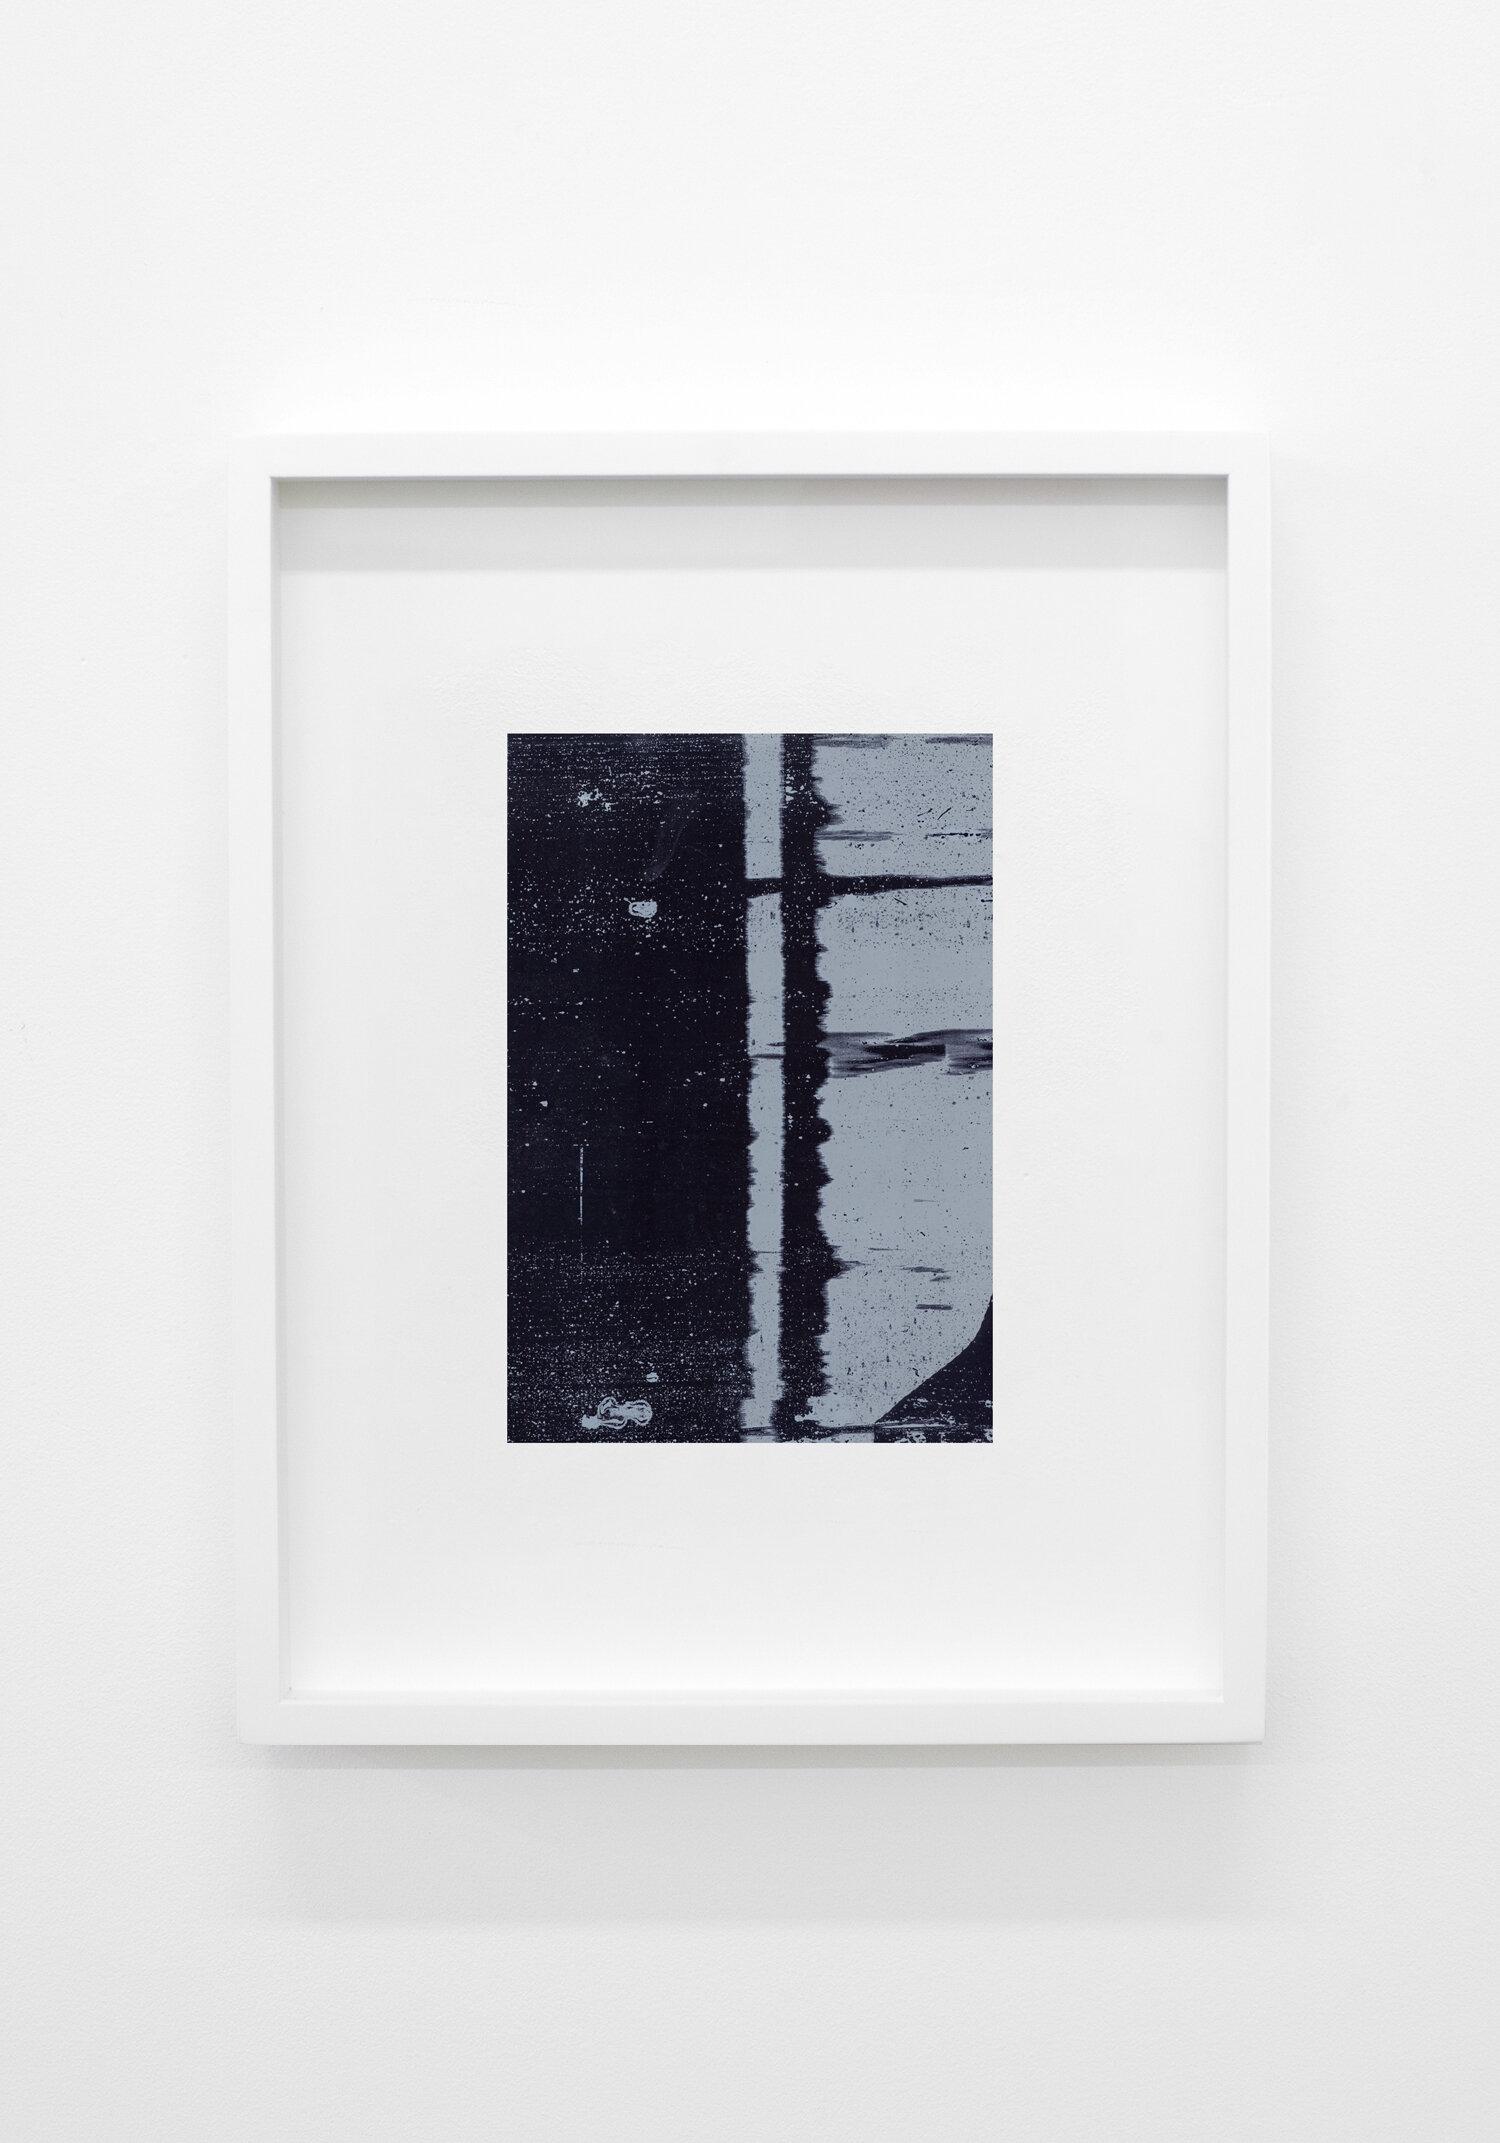 """Jérôme Nadeau,  Argot,  édition unique, 2019, impression laser sur papier Fujicolor Crystal Archive non-procédée, 18 x 13 cm (7"""" x 5"""")"""